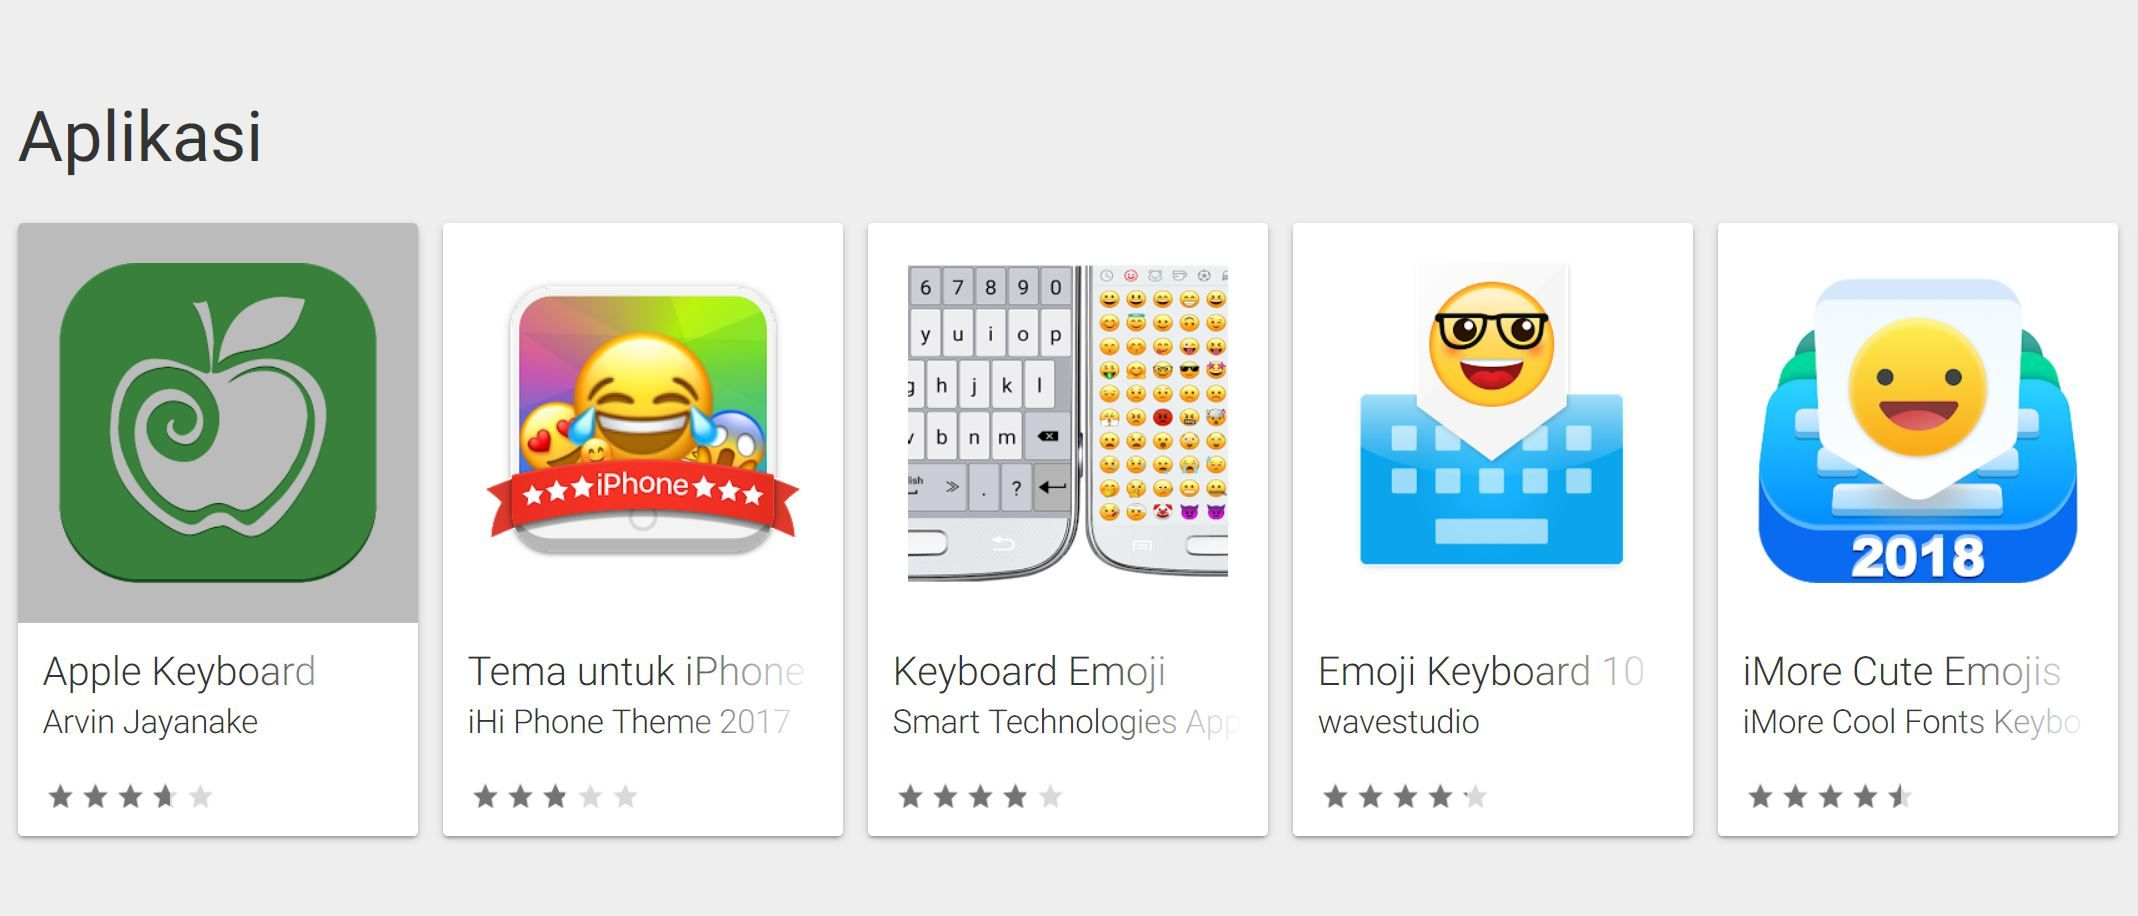 Cara Mengubah Emoji Android Menjadi Emoji Iphone Aplikasi Iphone Iphone Emoji